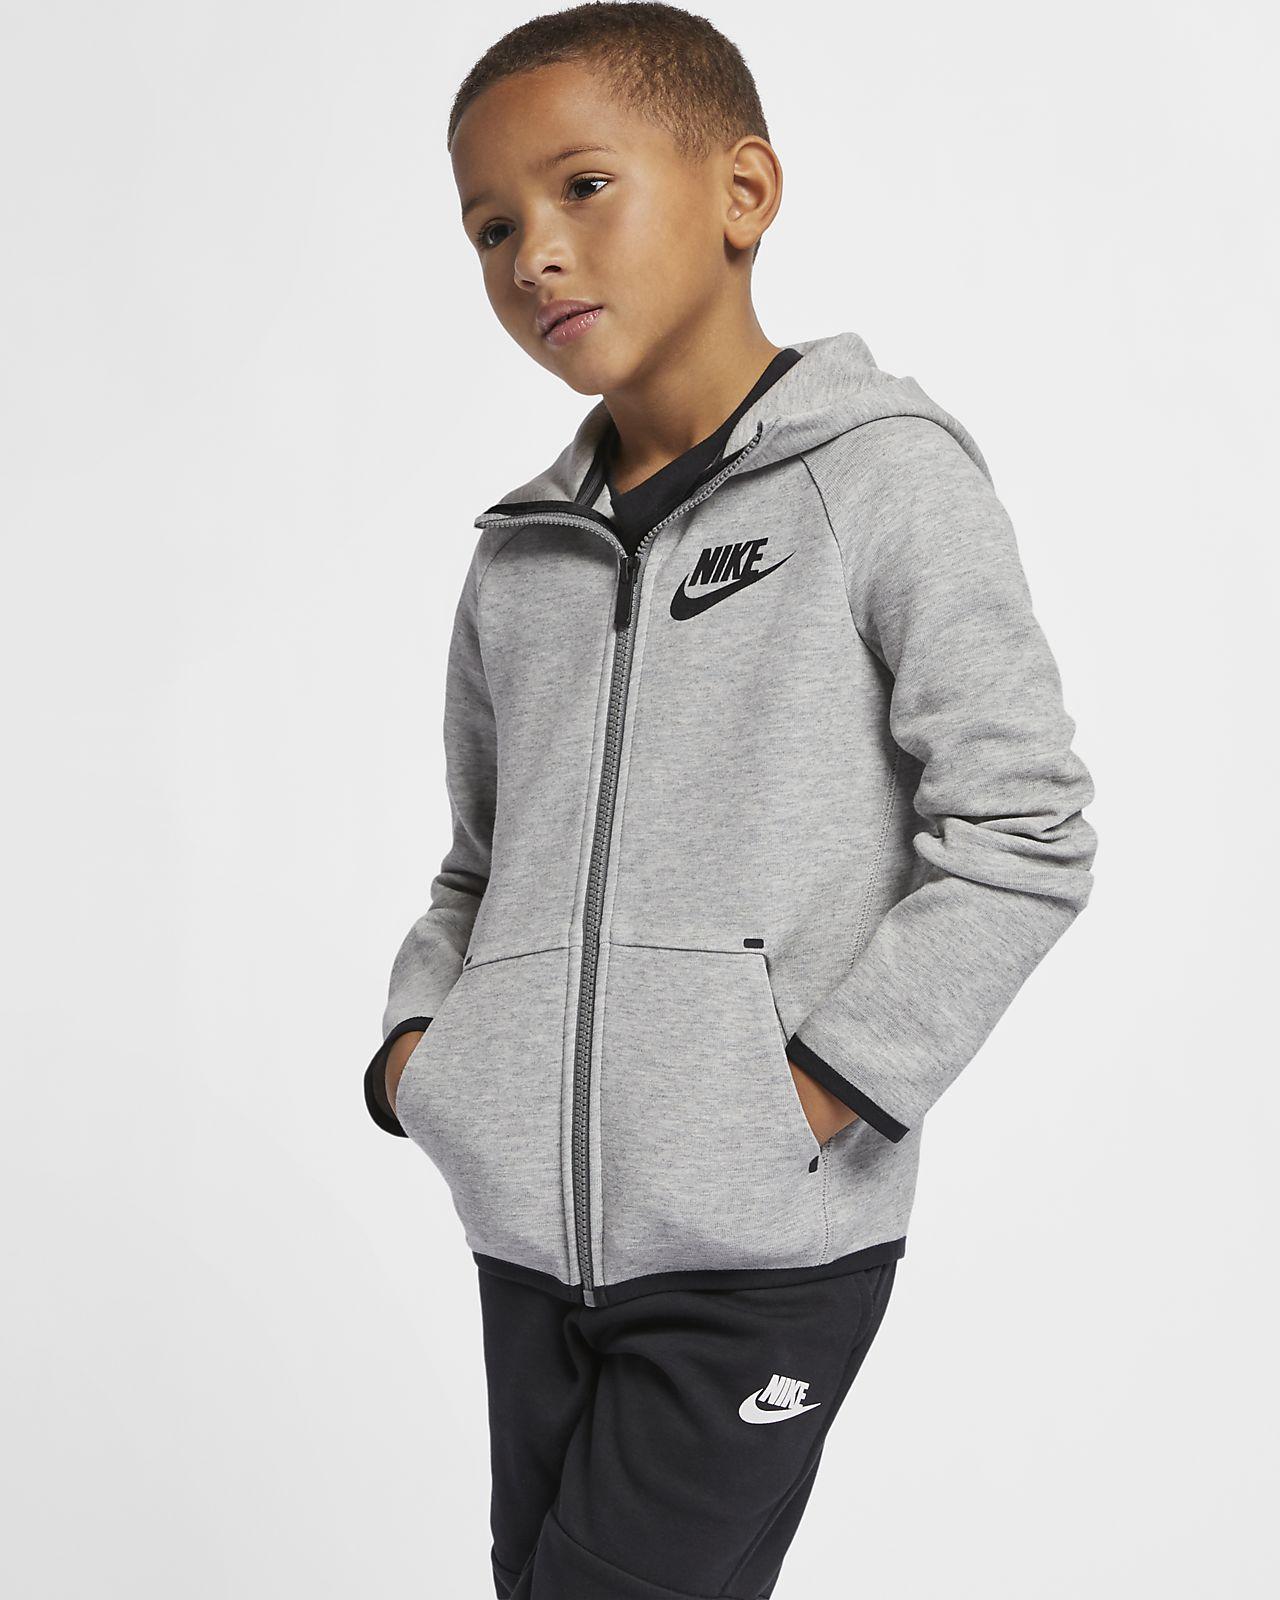 Nike Sportswear Tech Fleece Younger Kids' Hoodie